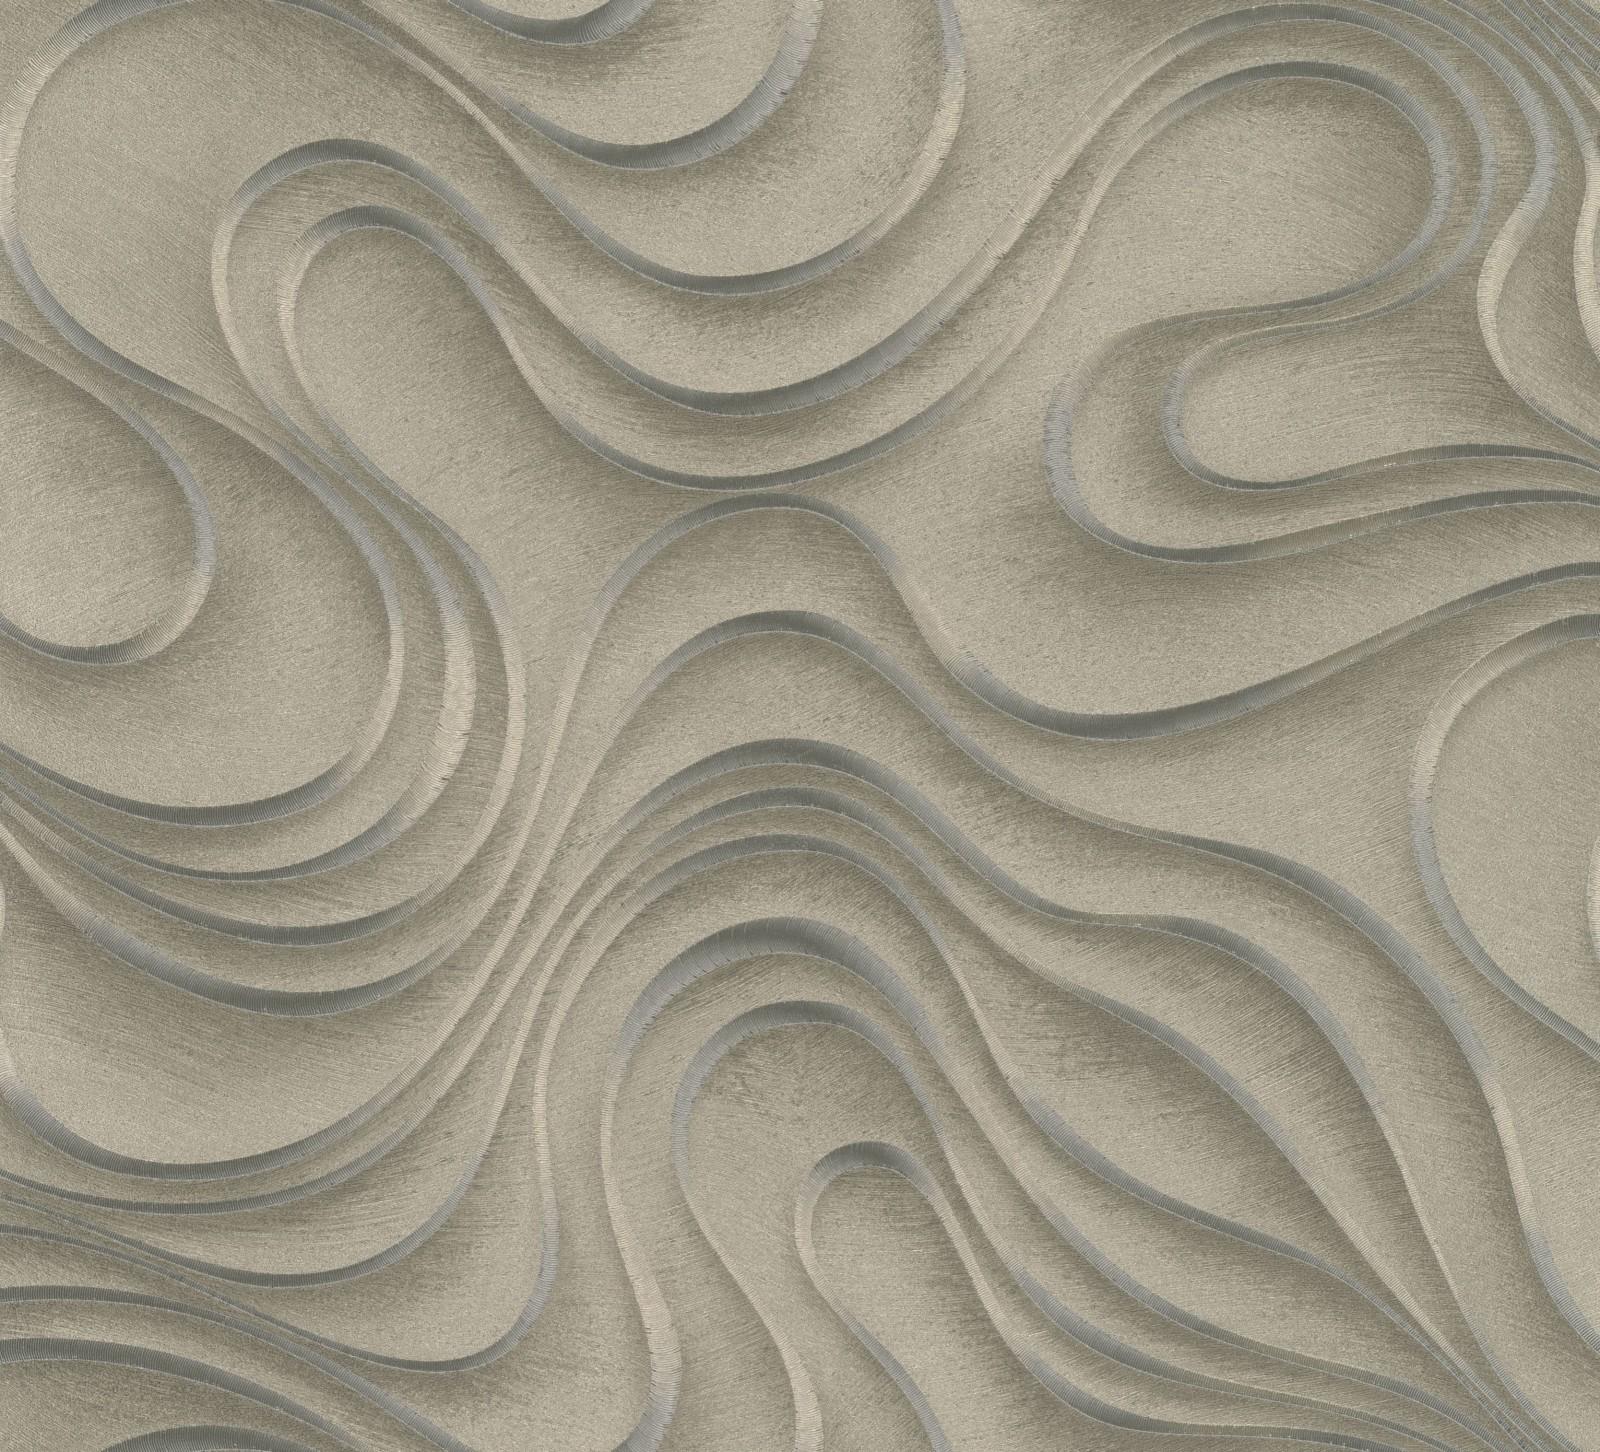 wallpaper colani evolution marburg wave gold 56322. Black Bedroom Furniture Sets. Home Design Ideas